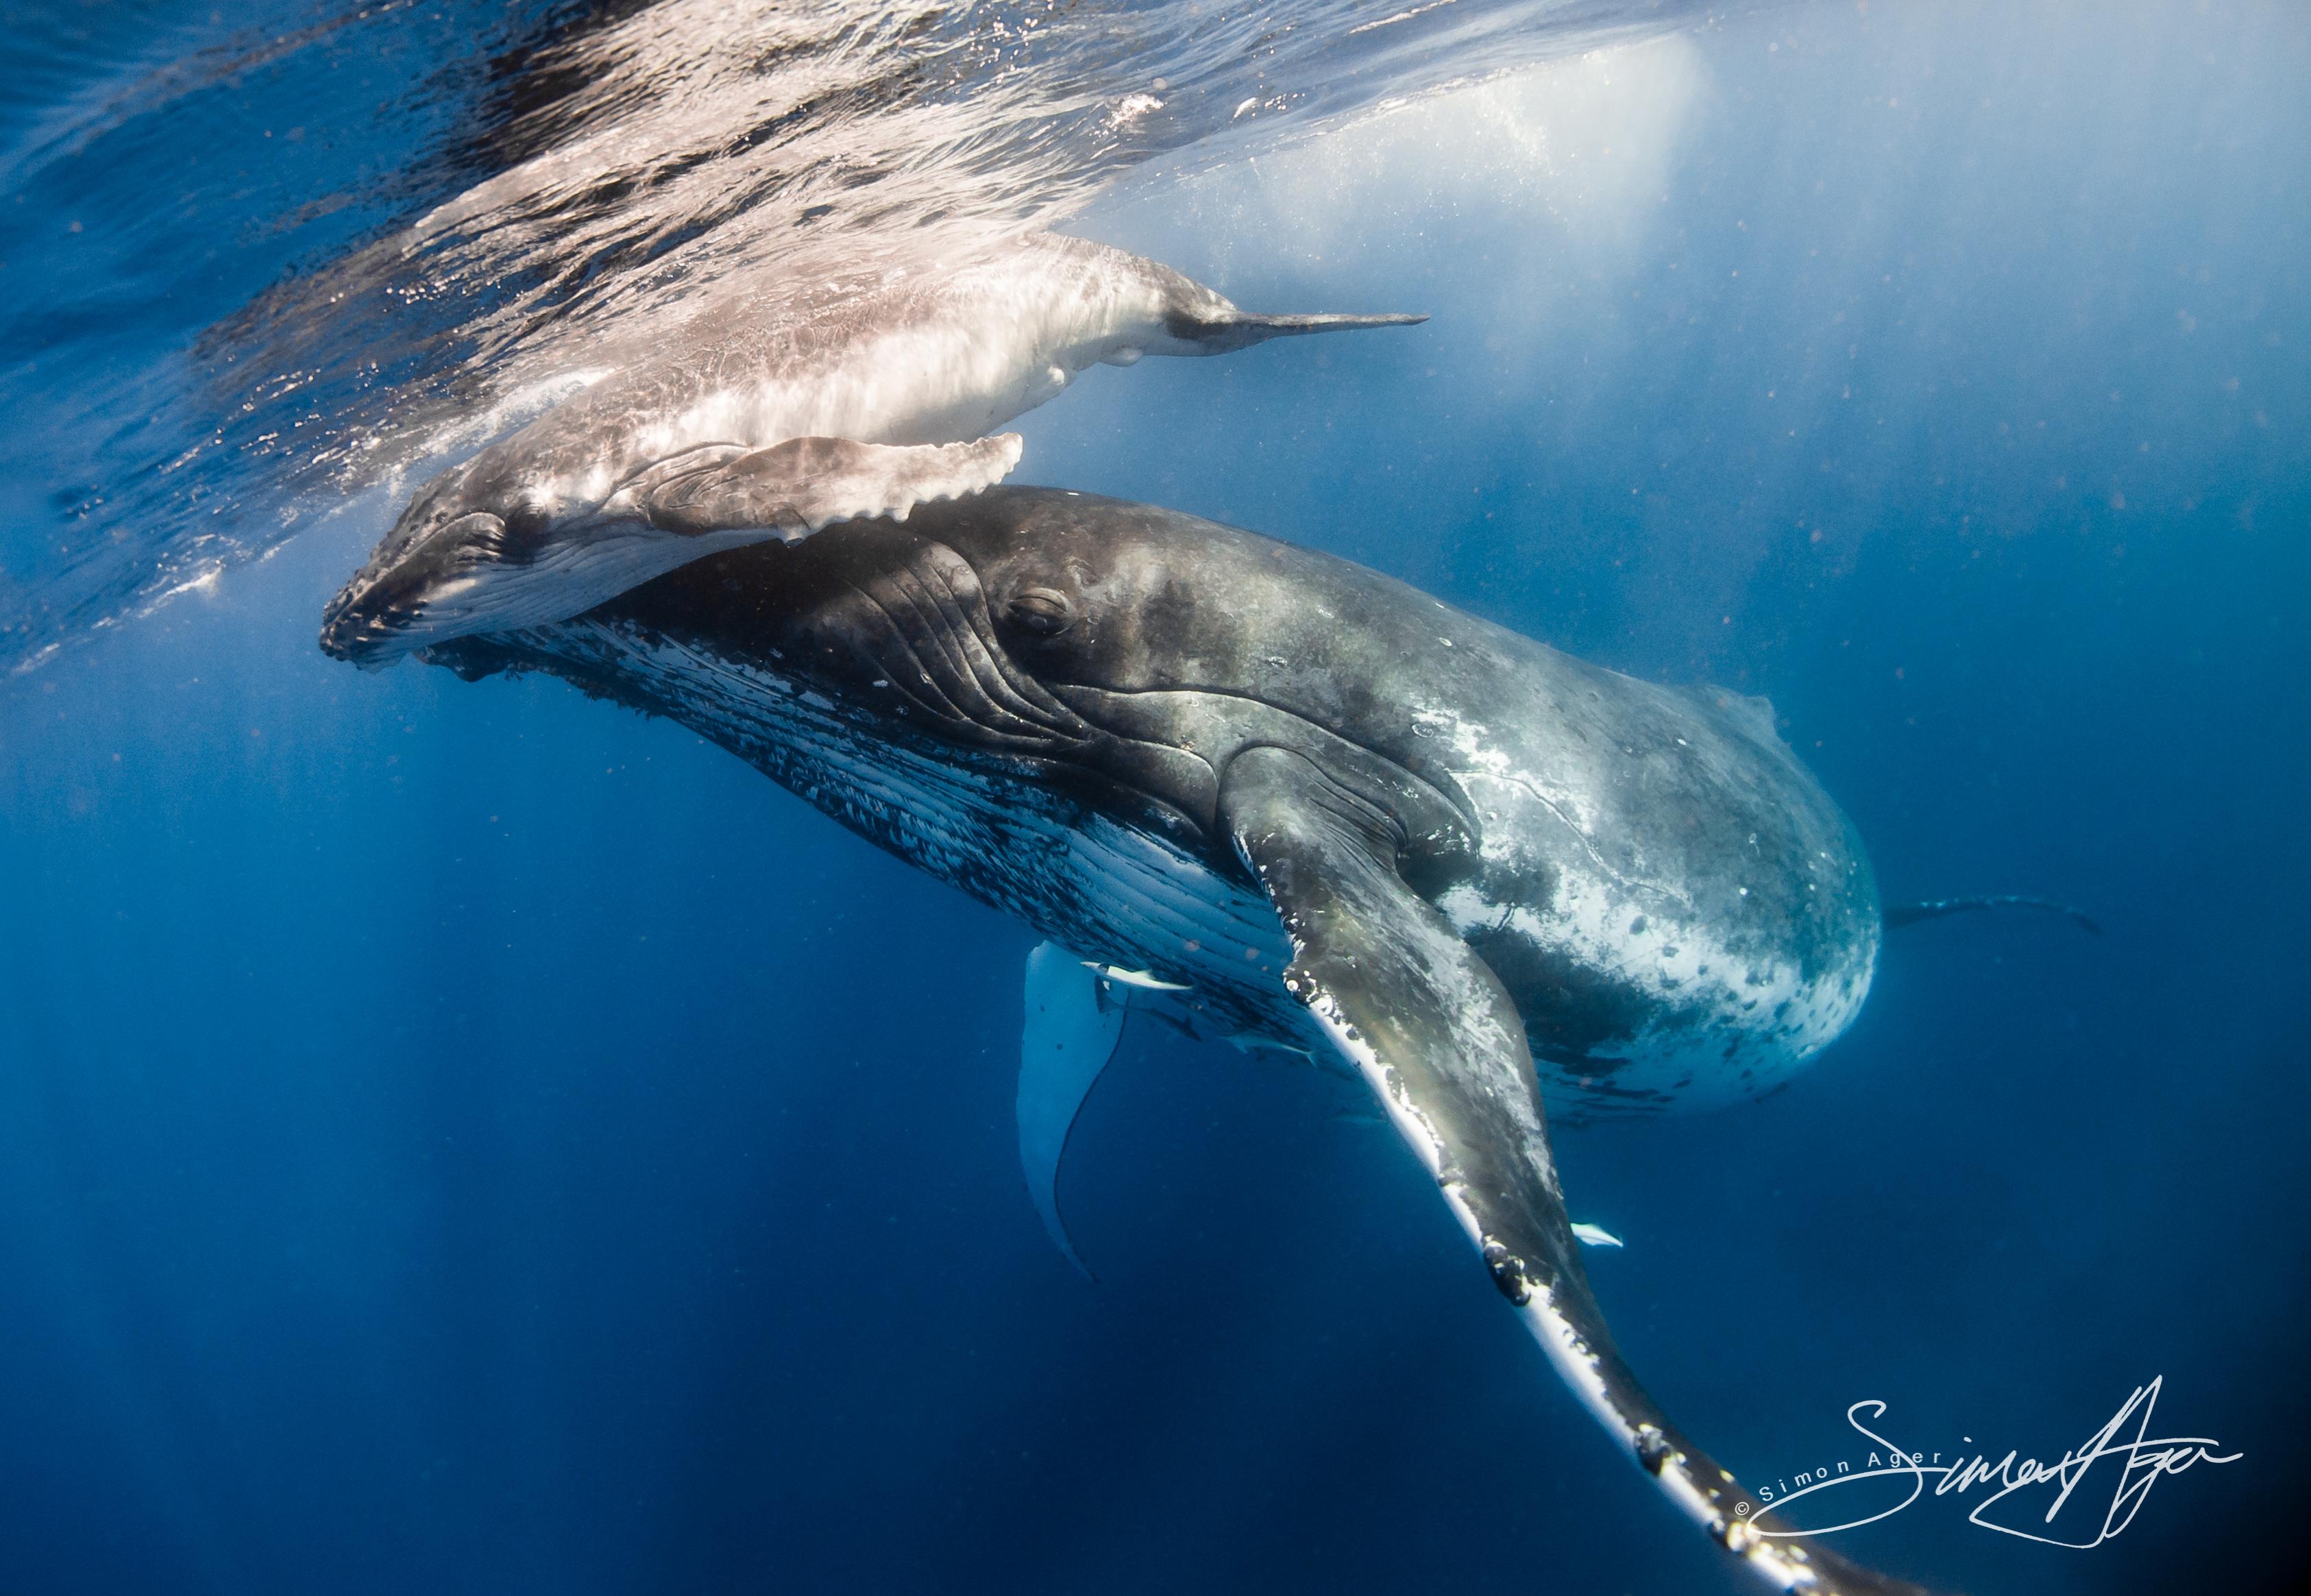 120802_SA_Tonga_mother_humpback_pushes_calf_to_surface_to_breathe_006_6286